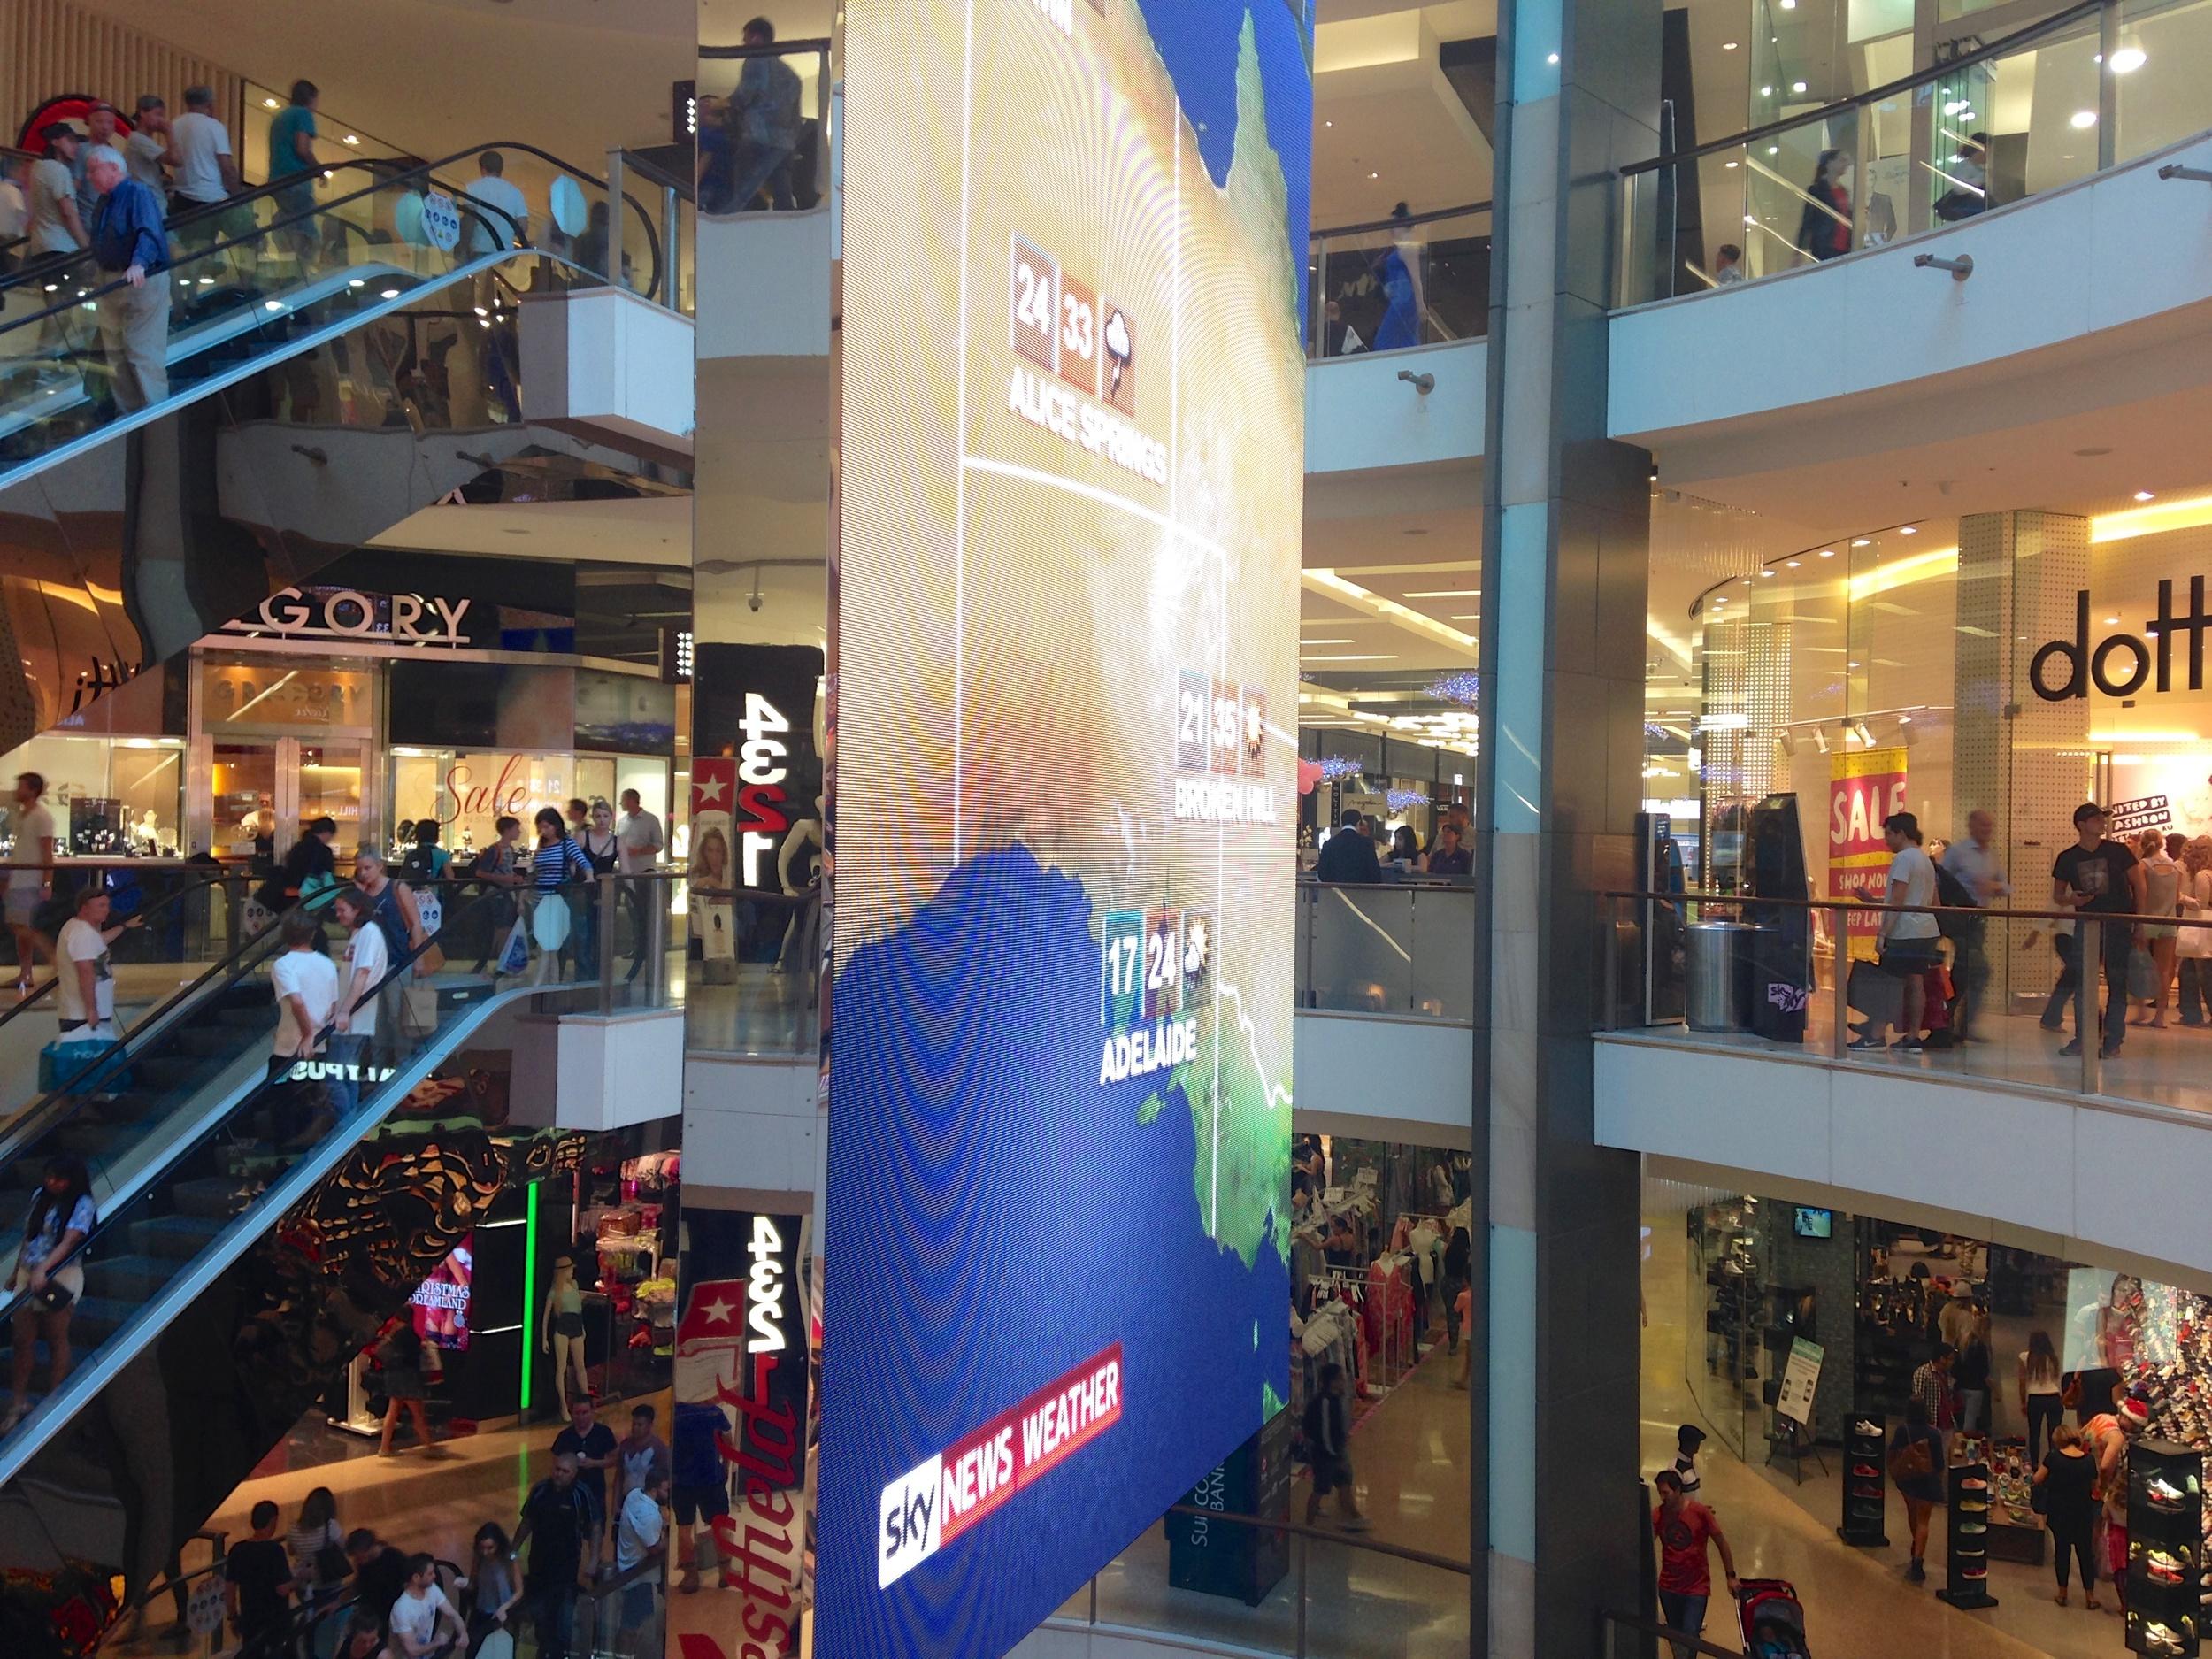 Bondi Junction Shopping Center